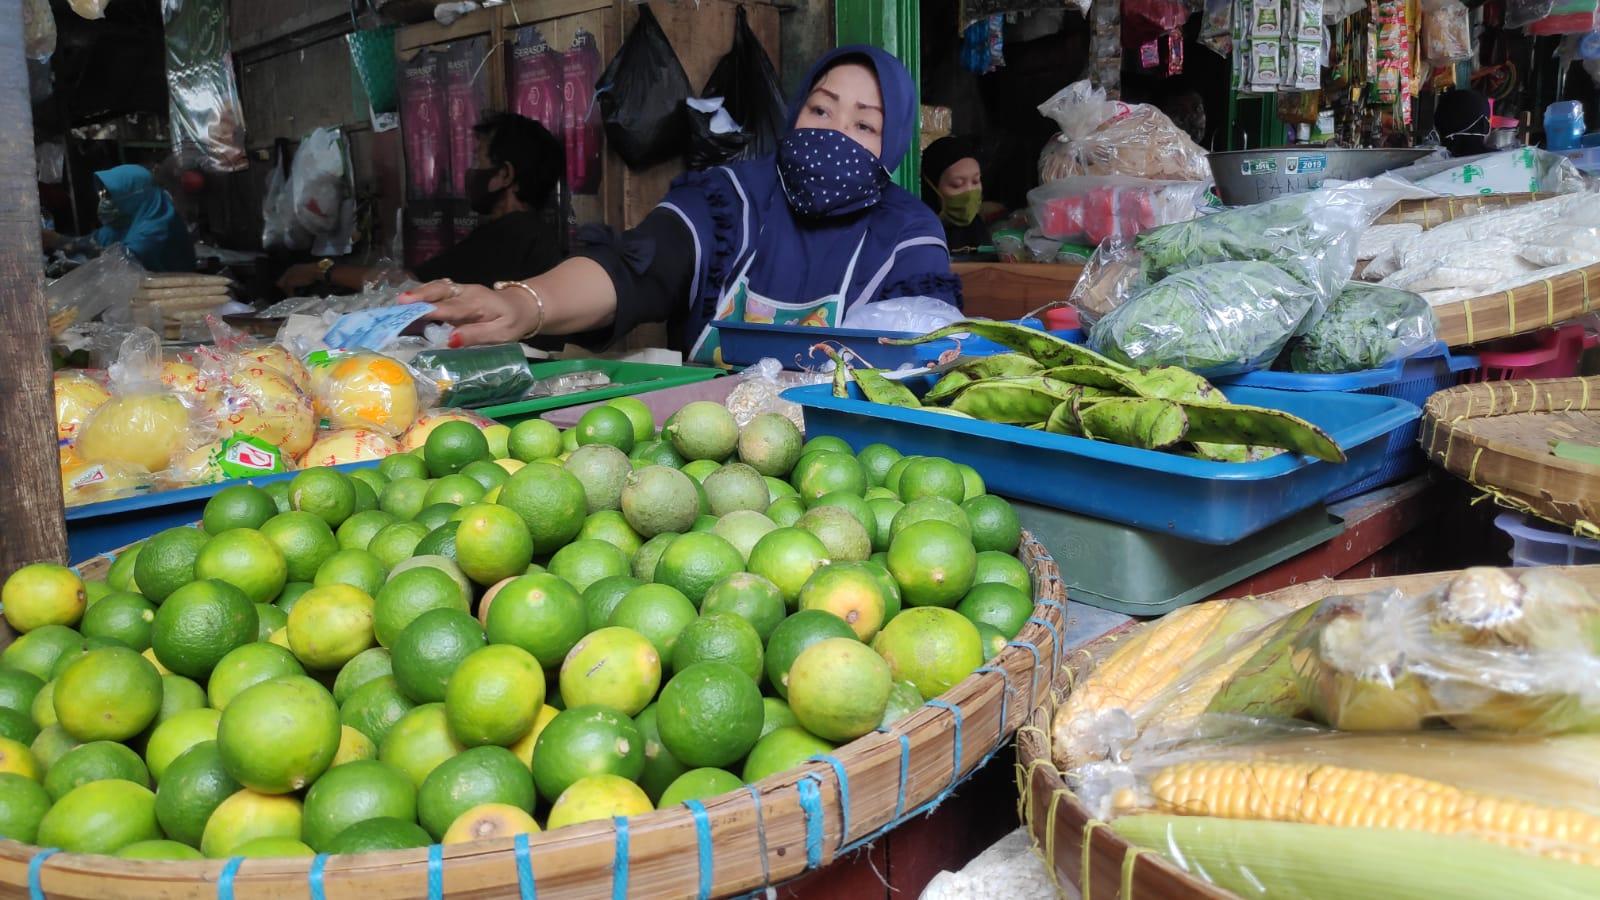 Hari Operasional Pasar Rembang Rencana Diubah Khusus Pekan Ini